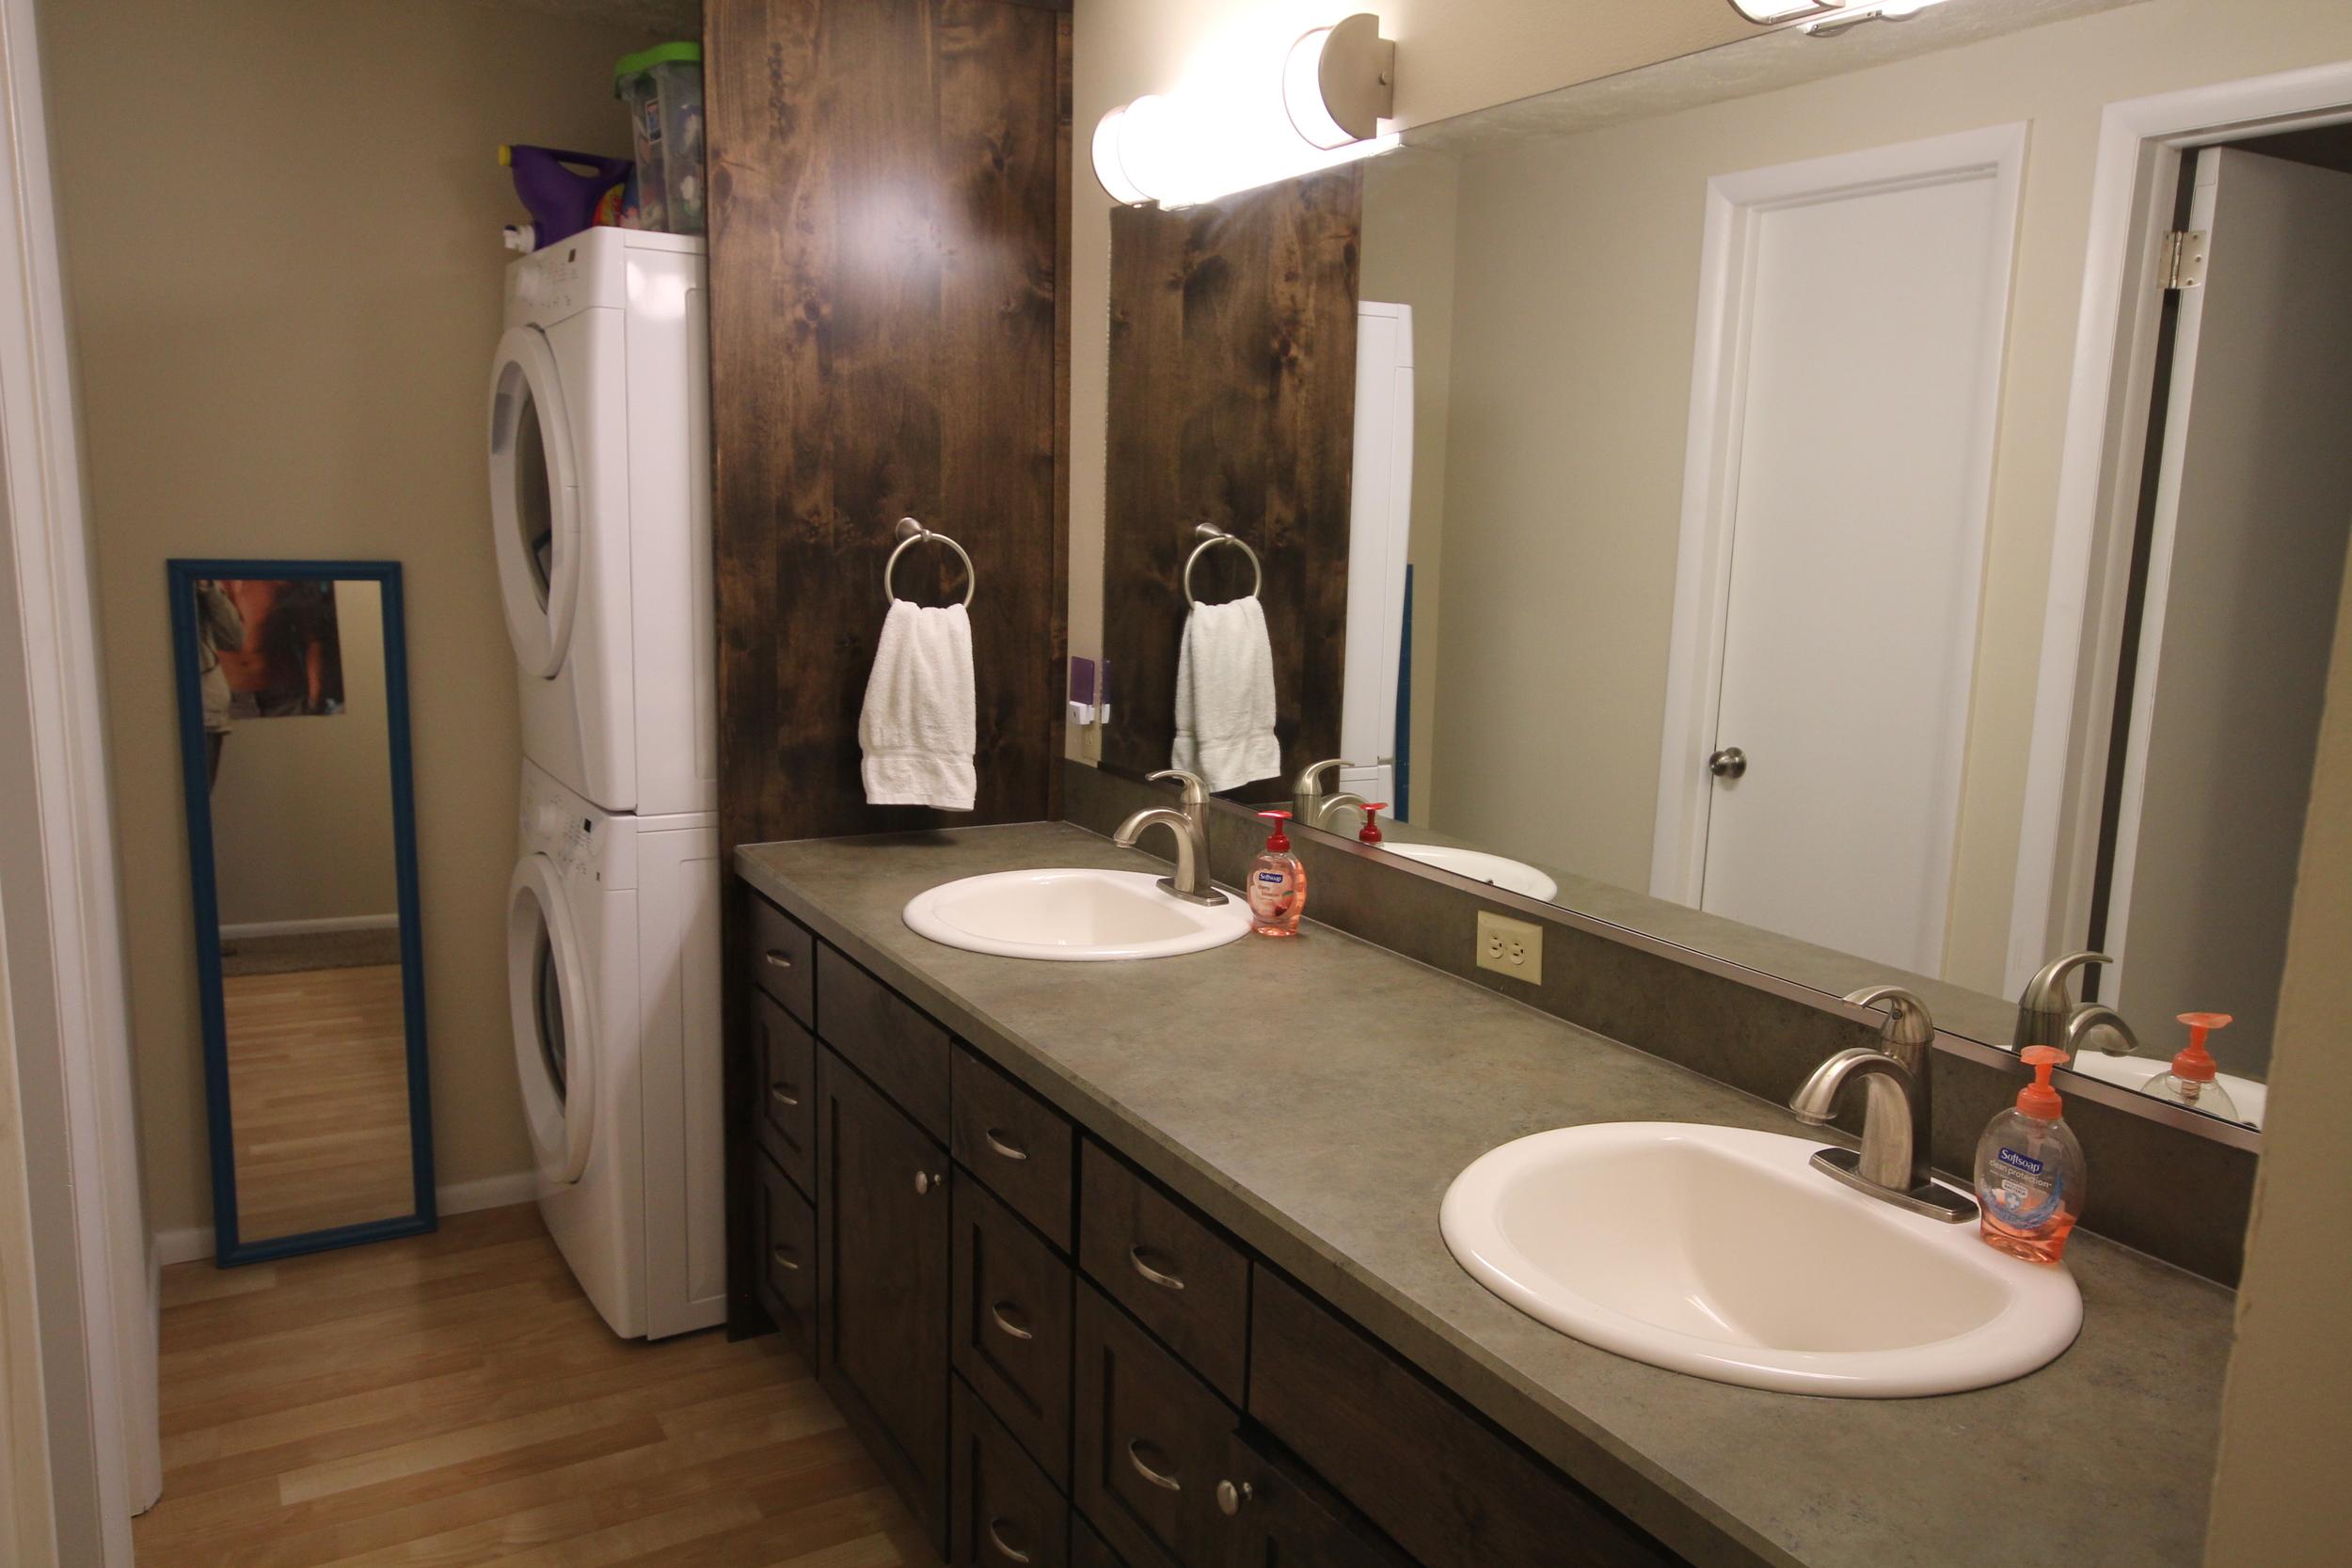 New Bathrooms!